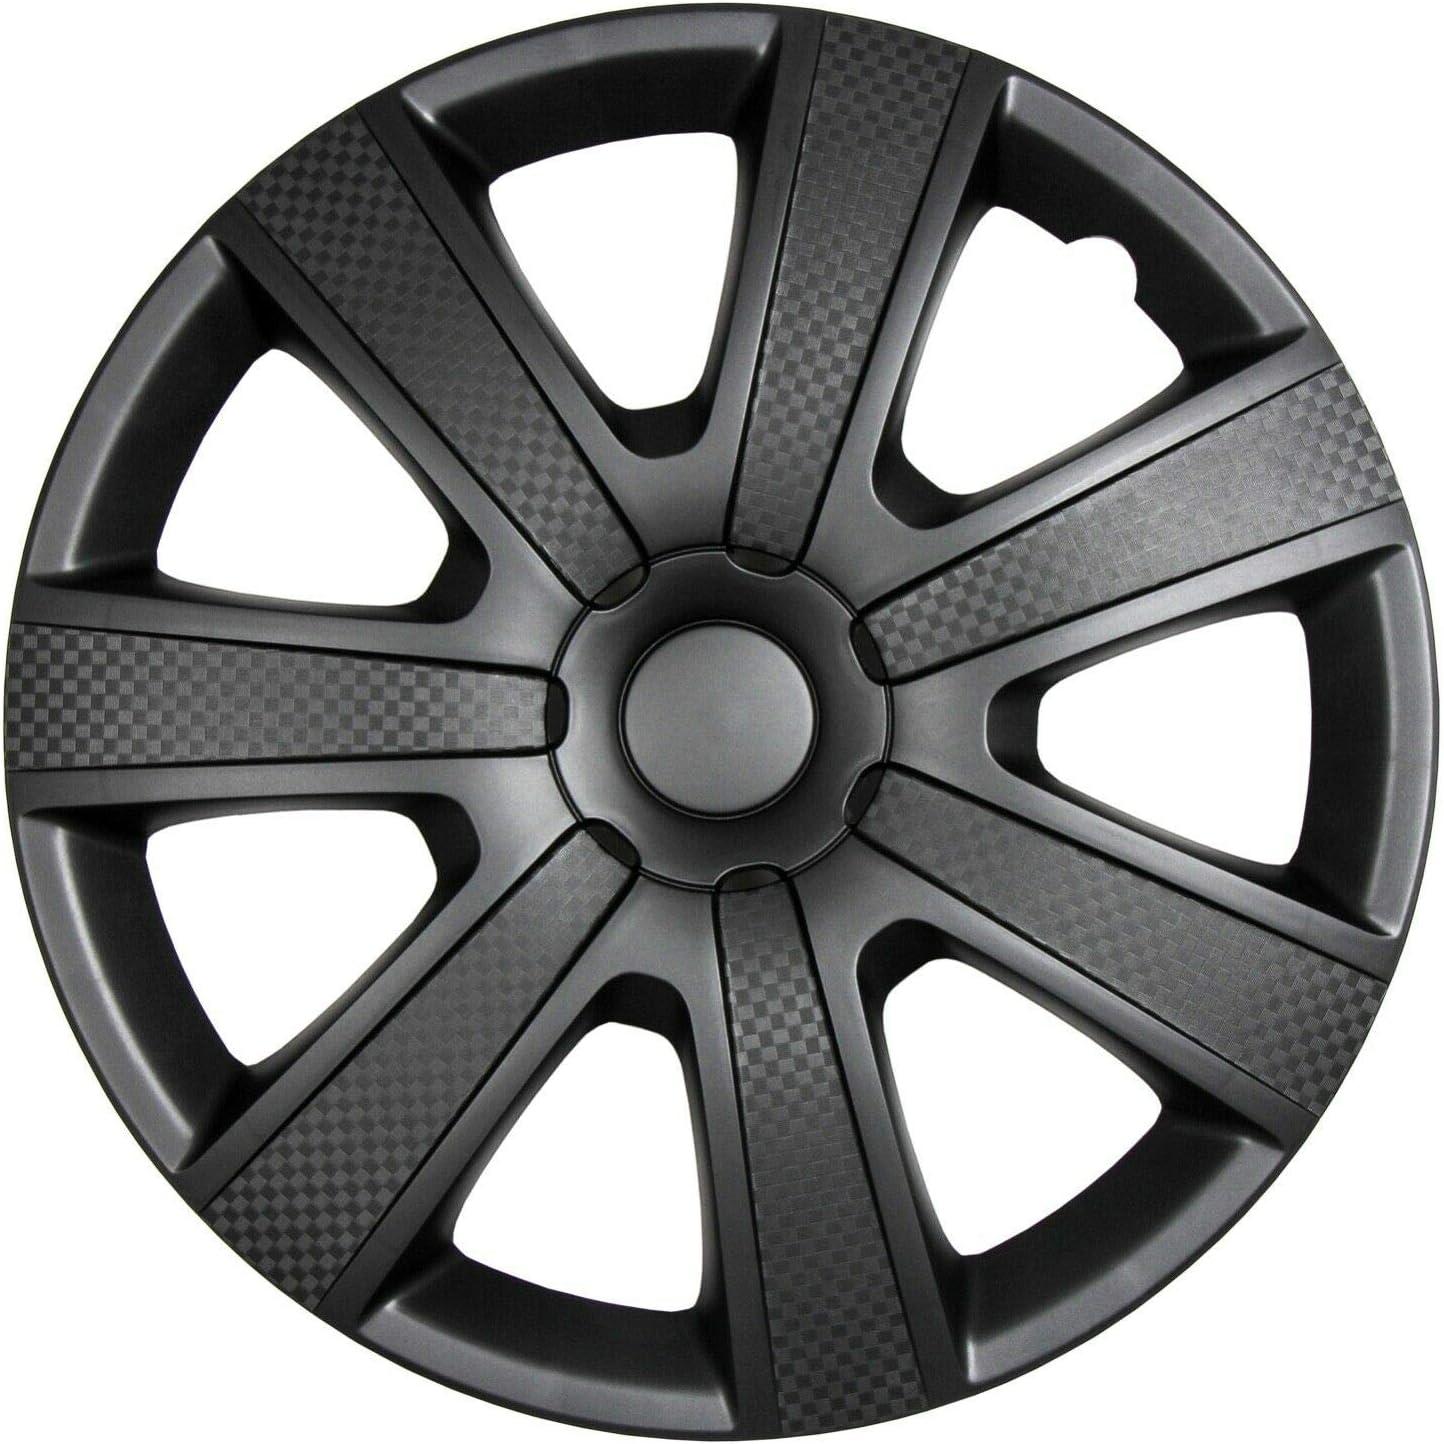 Juego de 4 tapacubos de 14 pulgadas para llantas de acero 85BPM, color negro: Amazon.es: Coche y moto